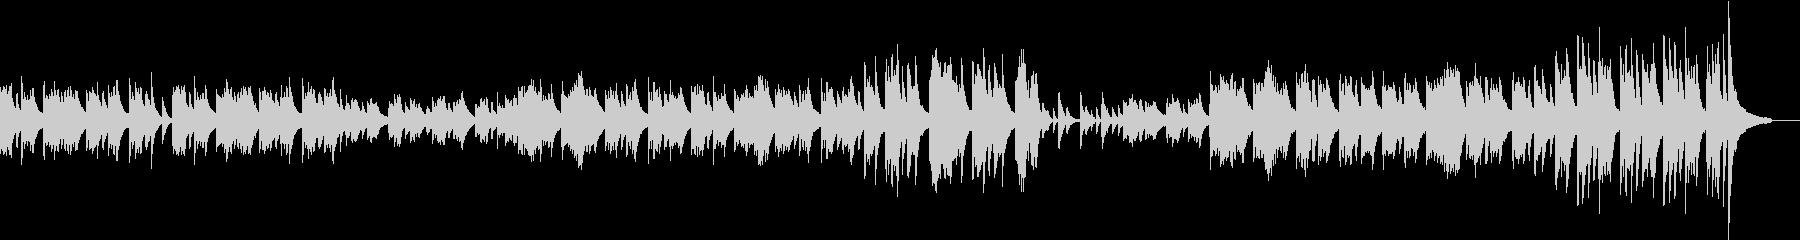 出会いを表現したピアノの未再生の波形